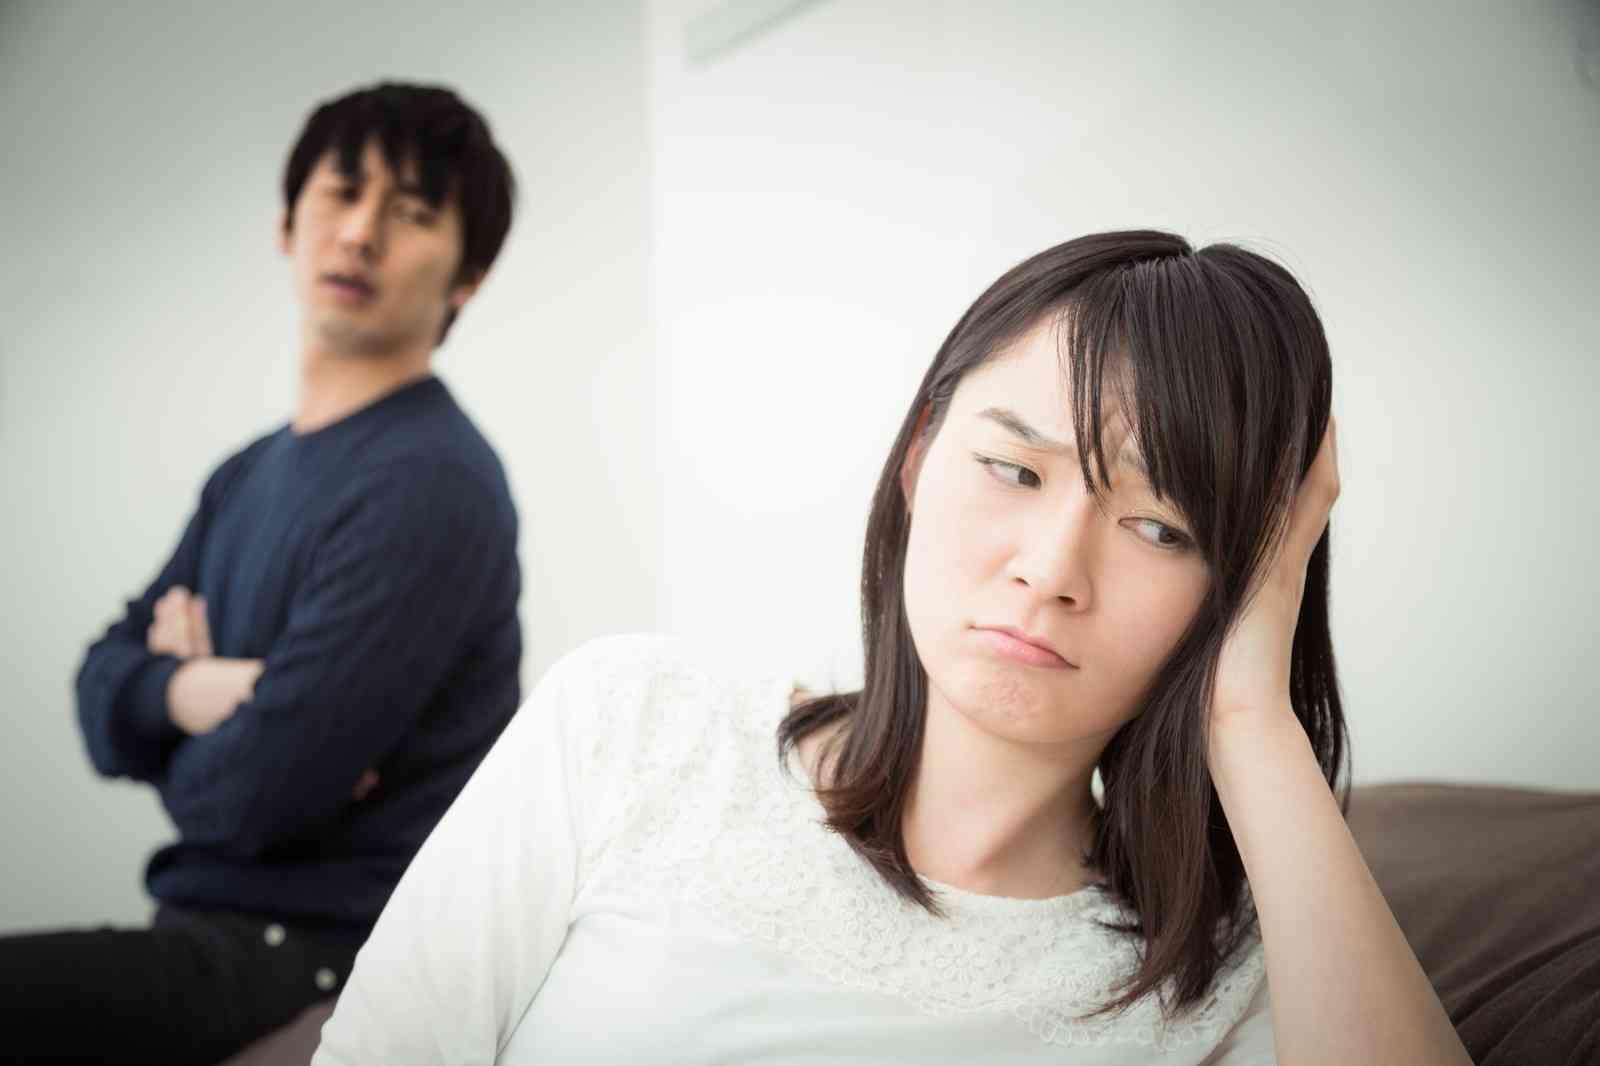 65%の妻が「年収400万円未満の夫」に不満!離婚したくなる亭主の仕事2位「運輸業」